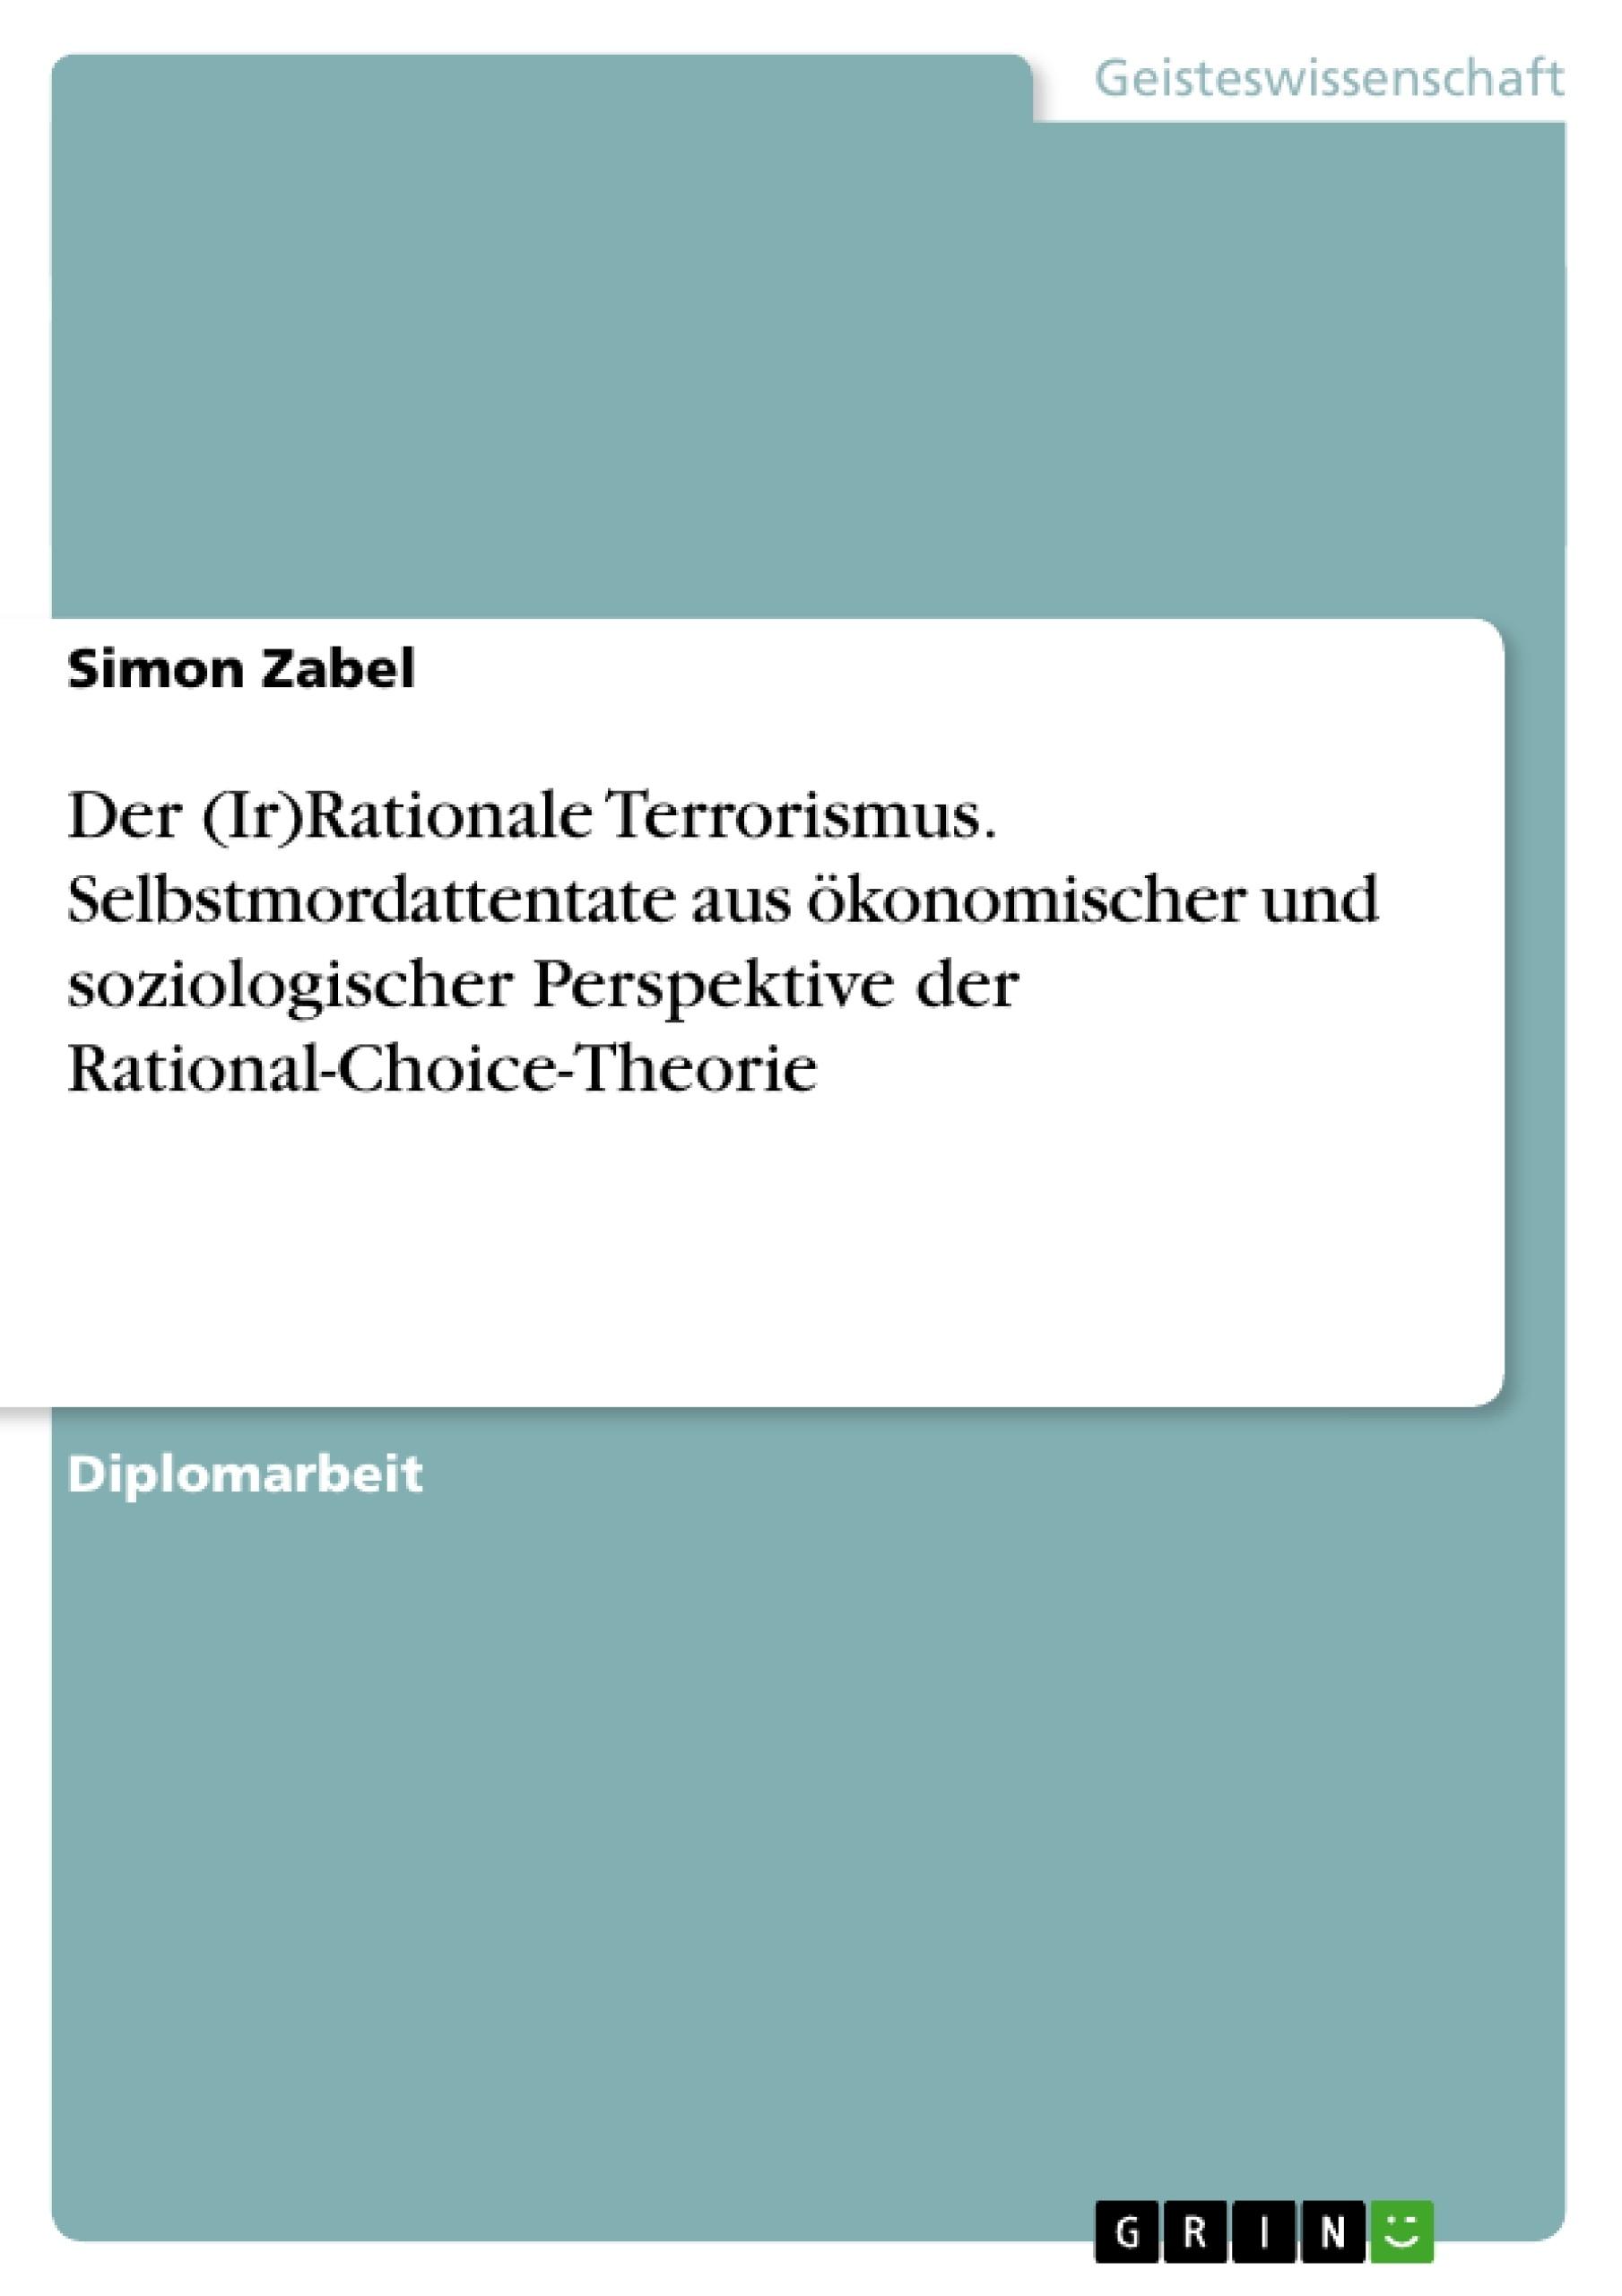 Titel: Der (Ir)Rationale Terrorismus. Selbstmordattentate aus ökonomischer und soziologischer Perspektive der Rational-Choice-Theorie